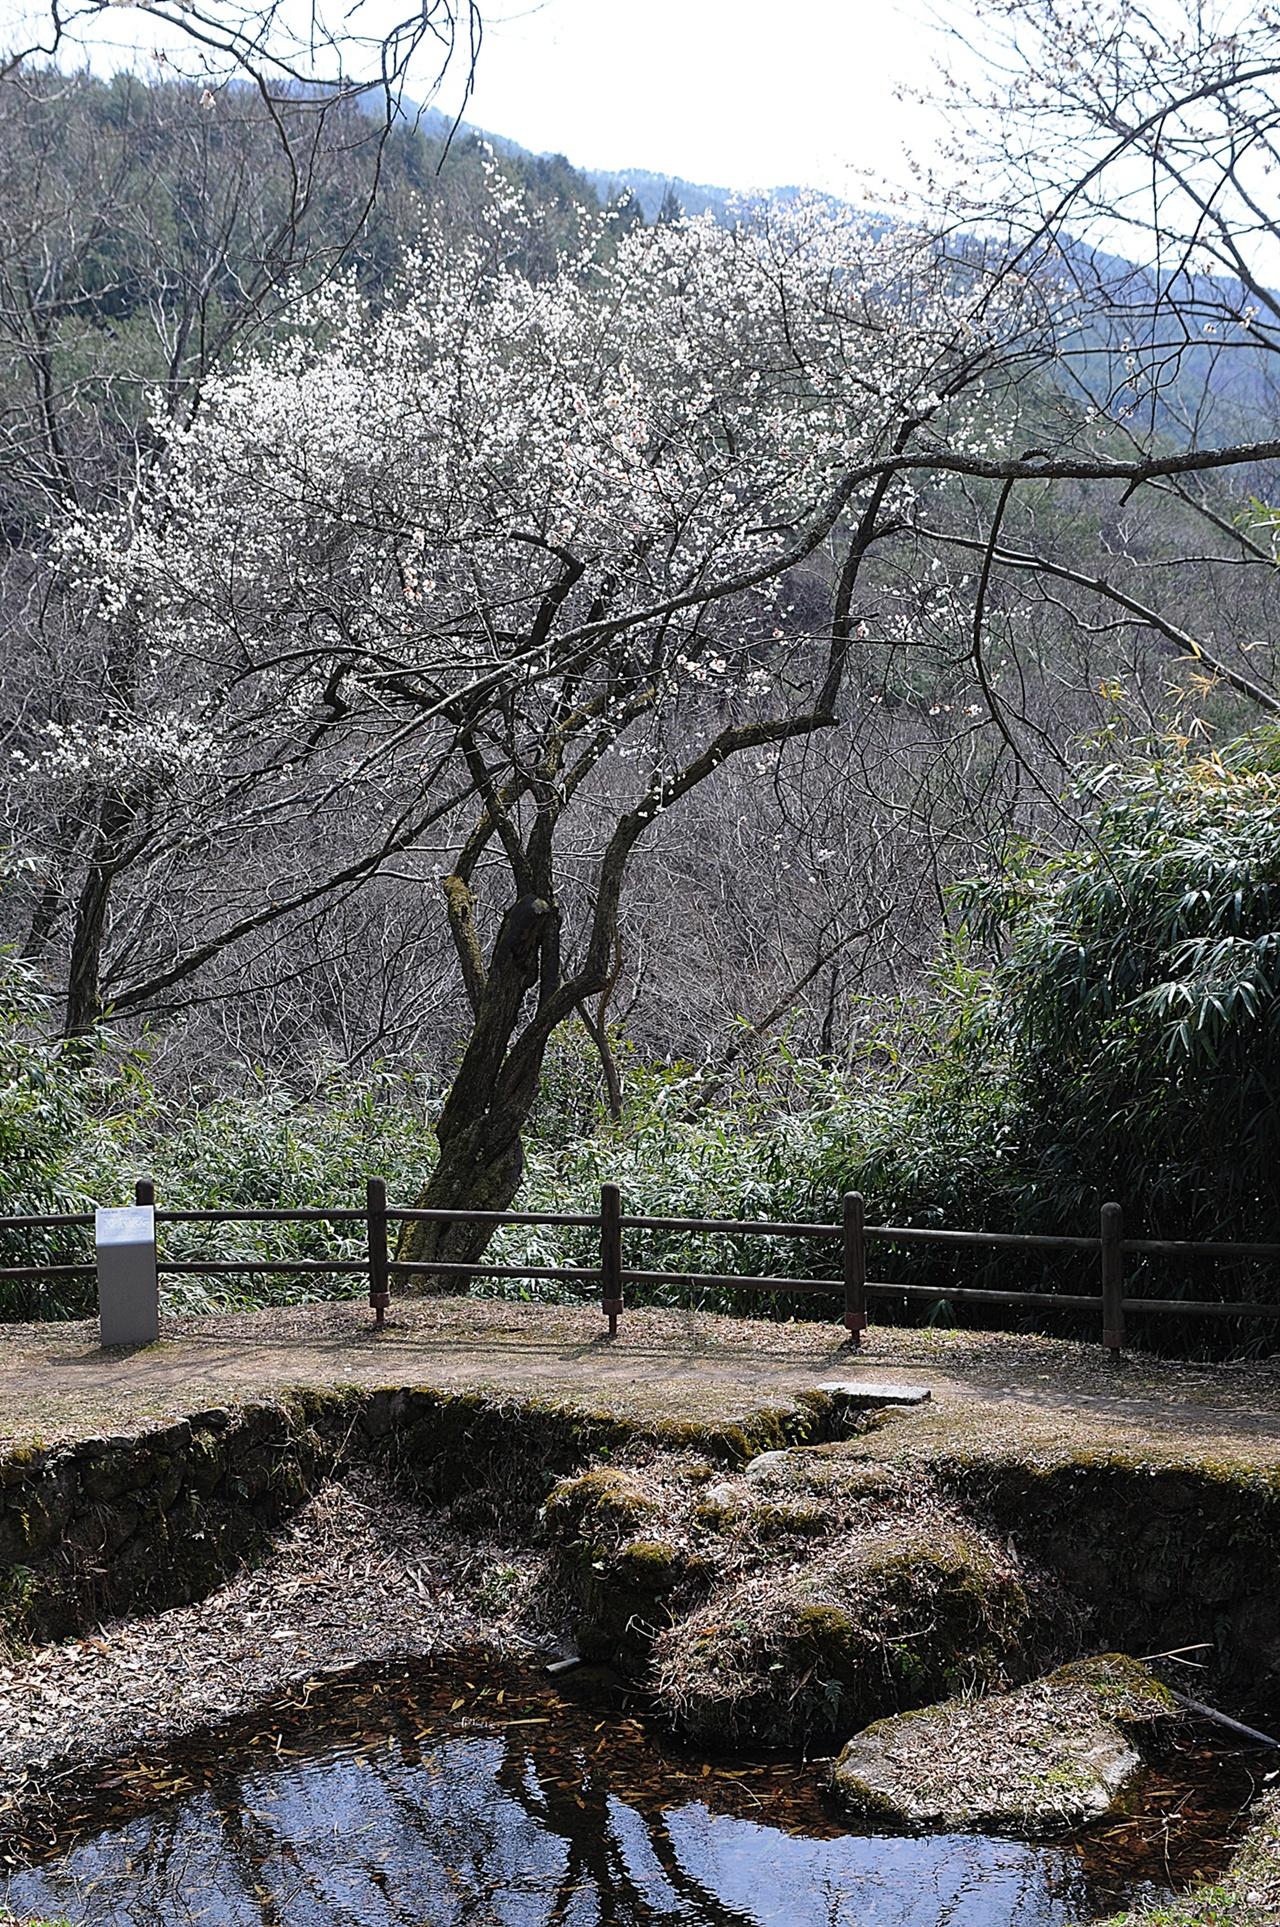 길상암 야매 길상암 바로 아래에 있는 천연기념물 매화나무. 힘차게 뻗어나간 나무 줄기가 인상적이다.